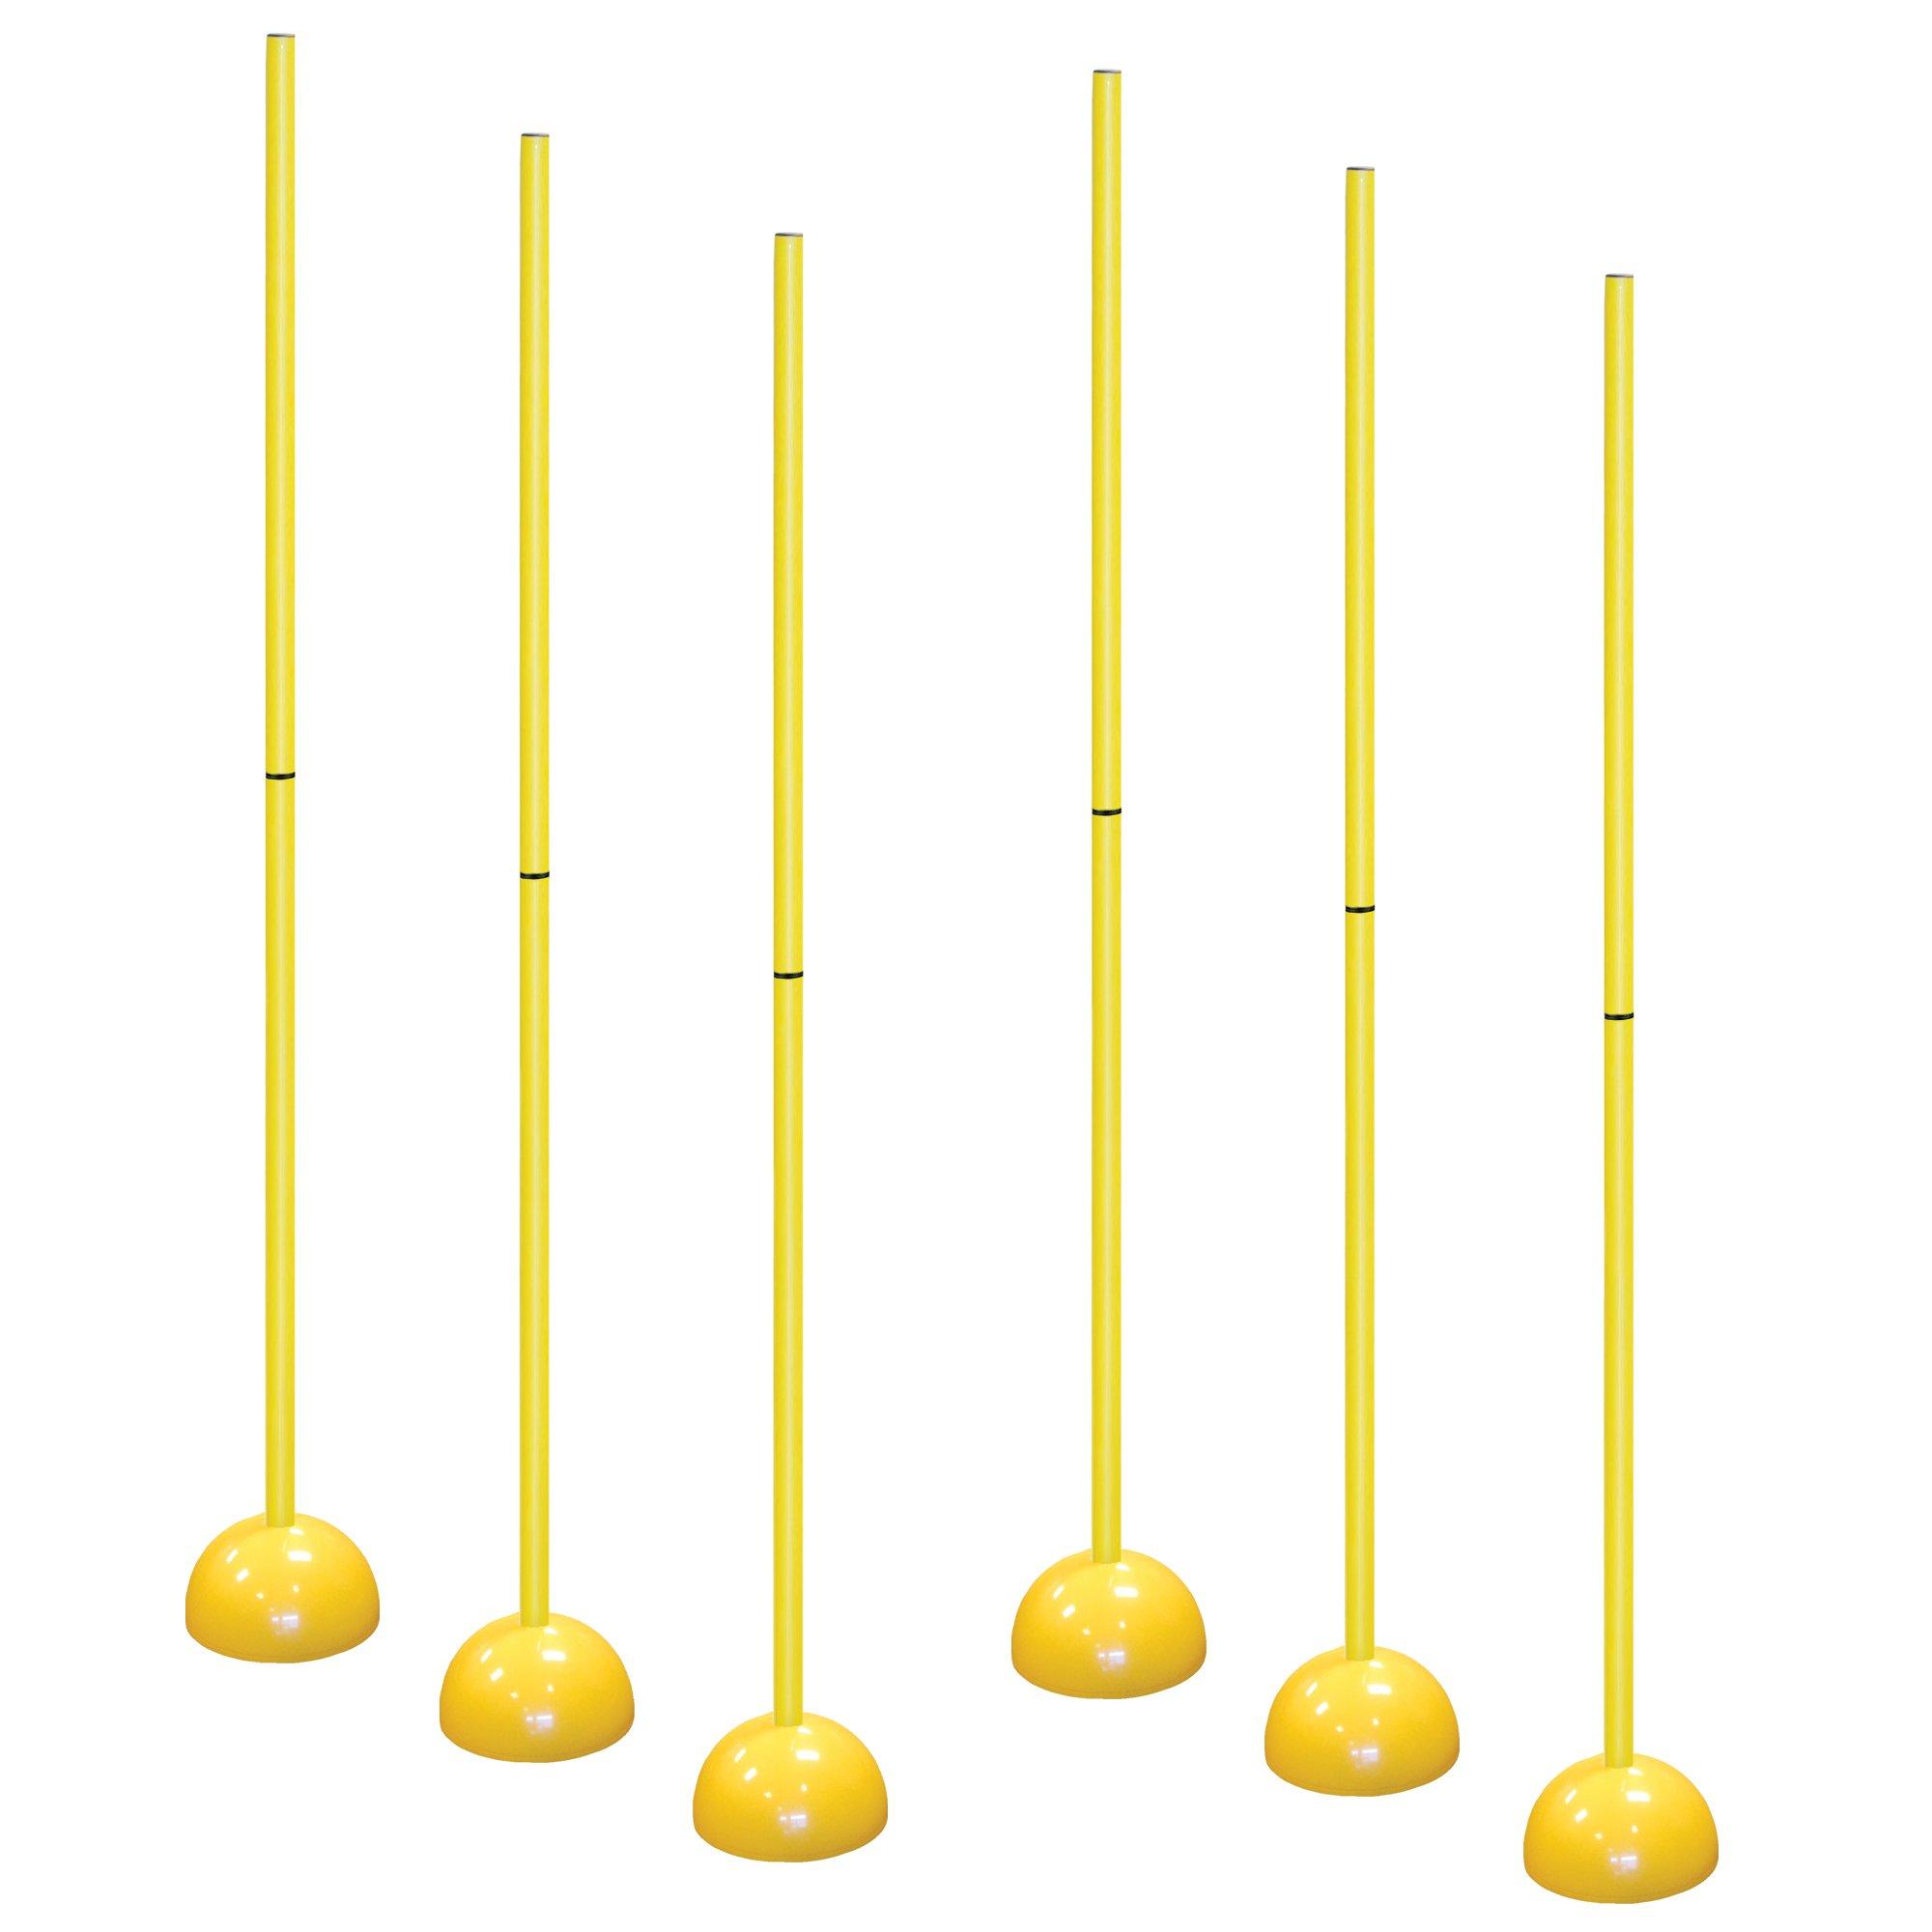 AGORA Portable Indoor/Outdoor Coaching Sticks - Set of 6 by AGORA